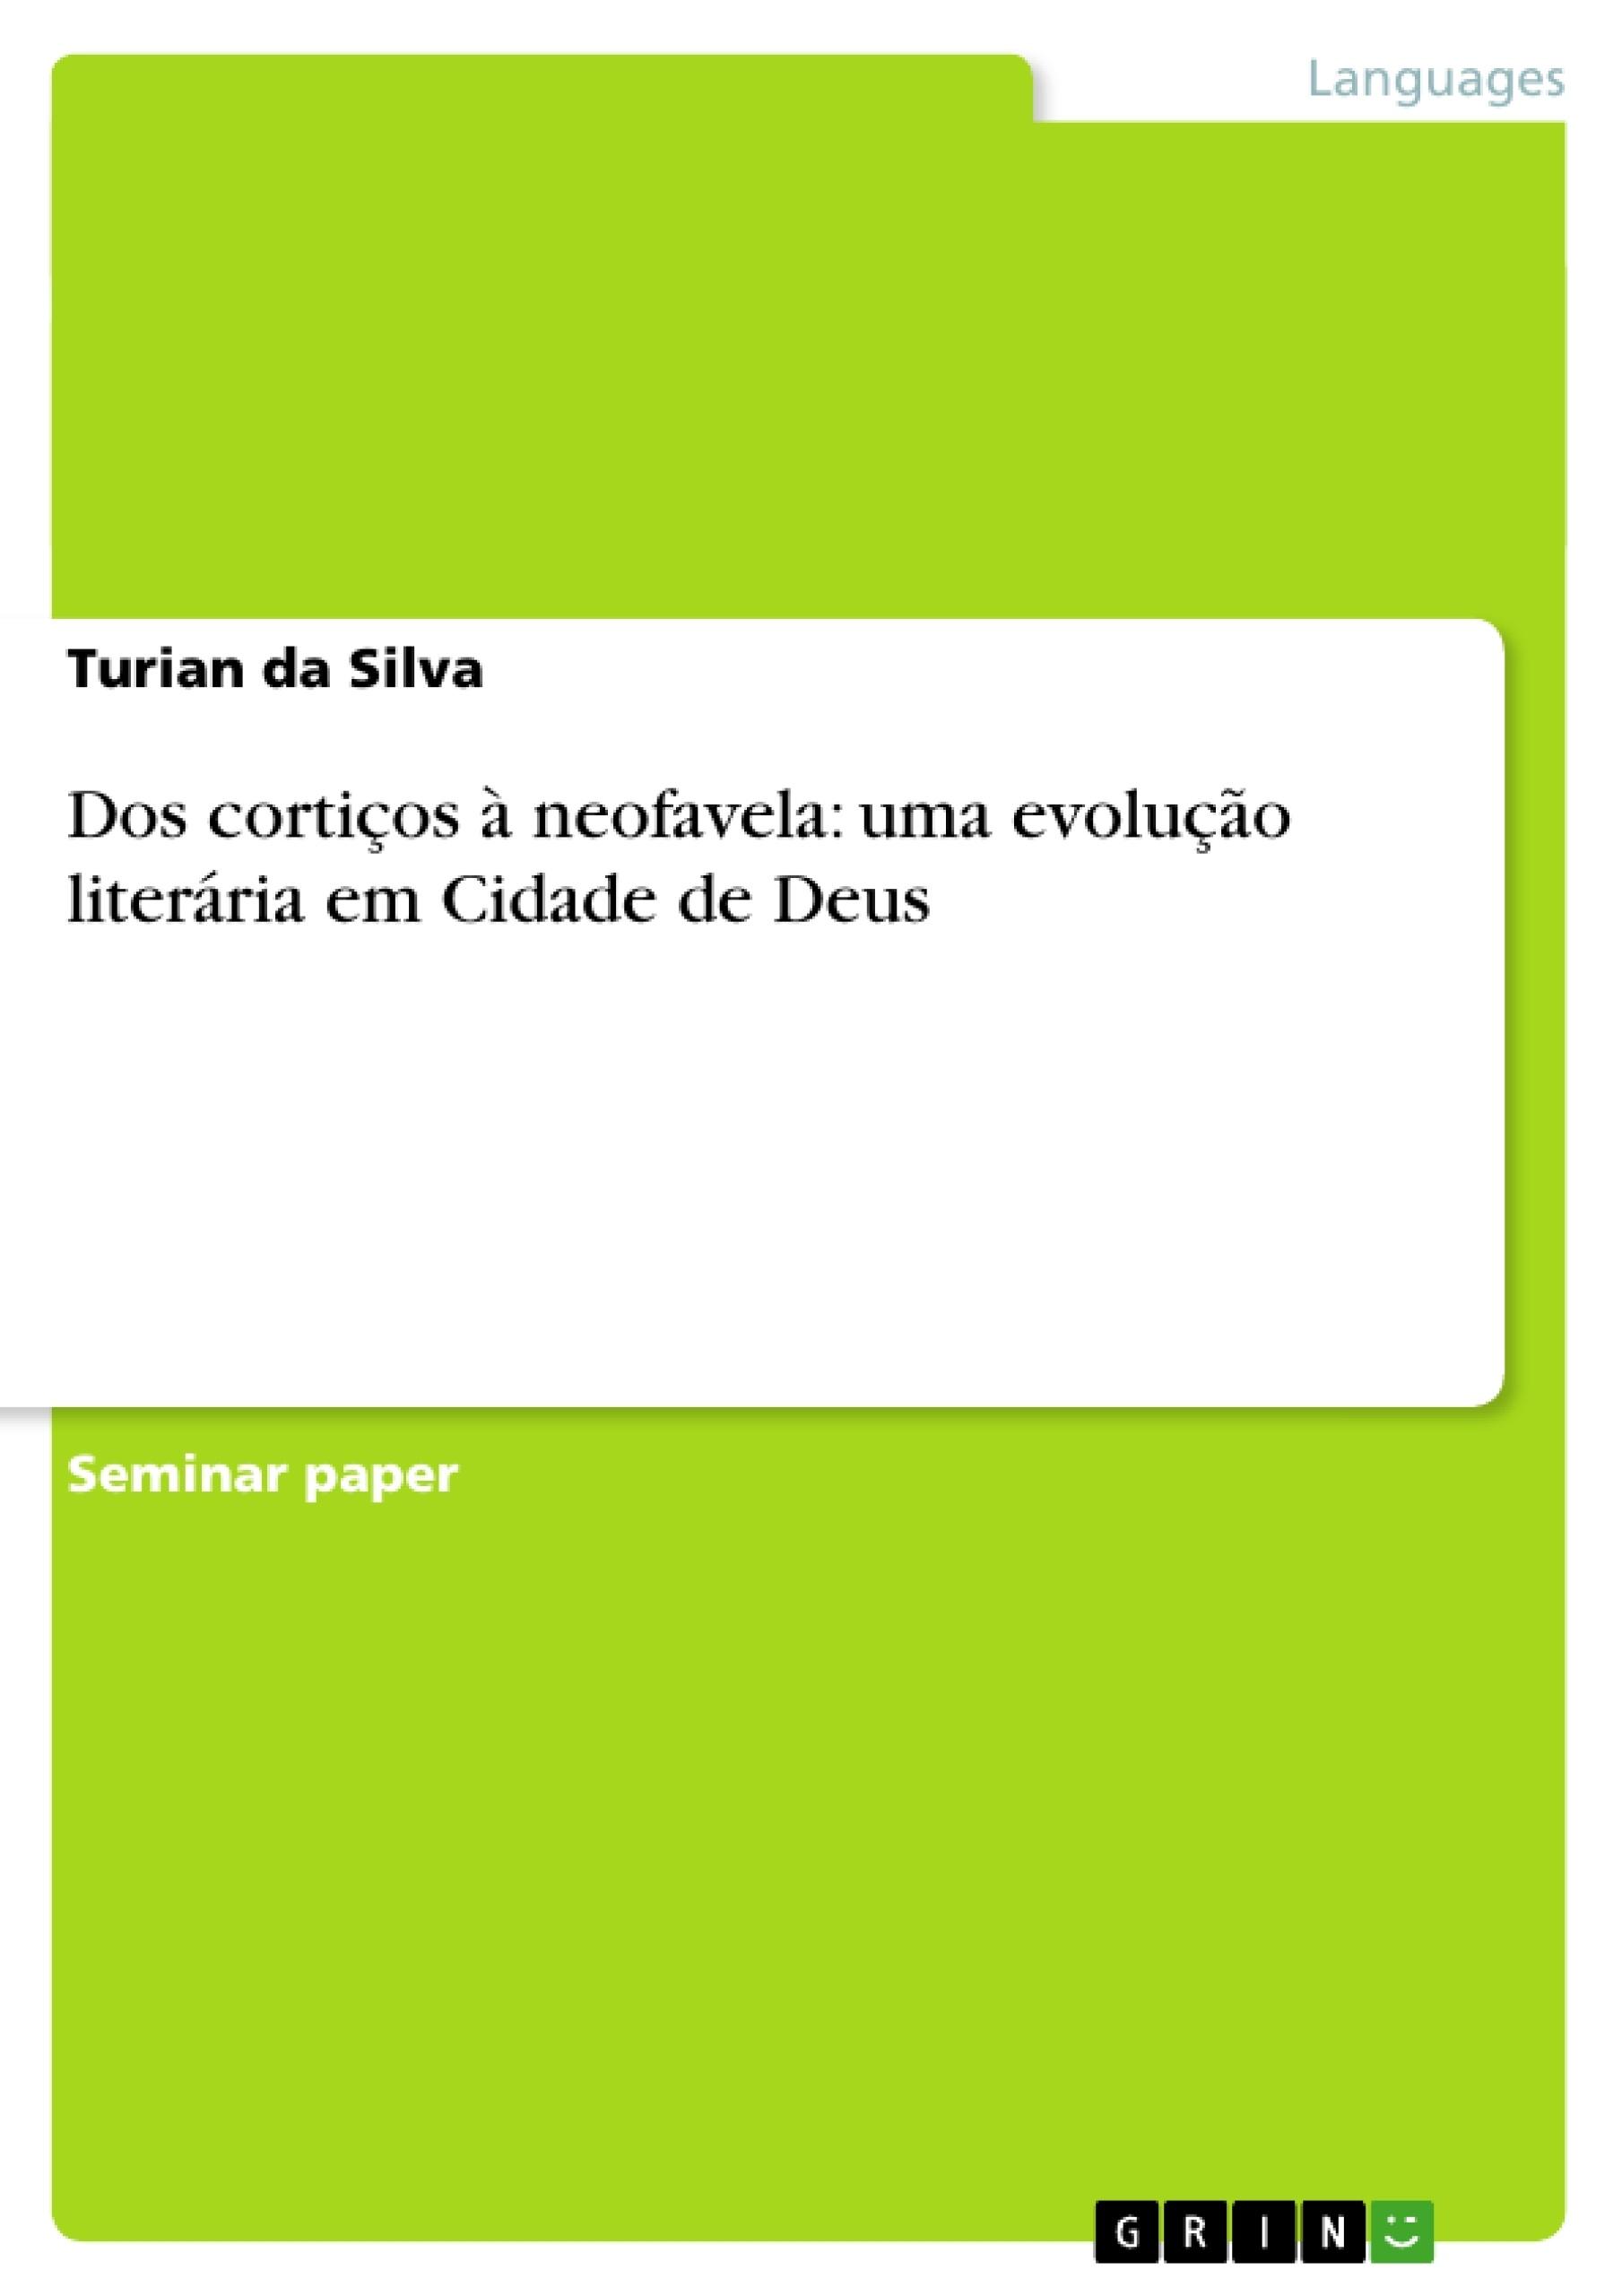 Title: Dos cortiços à neofavela: uma evolução literária em Cidade de Deus